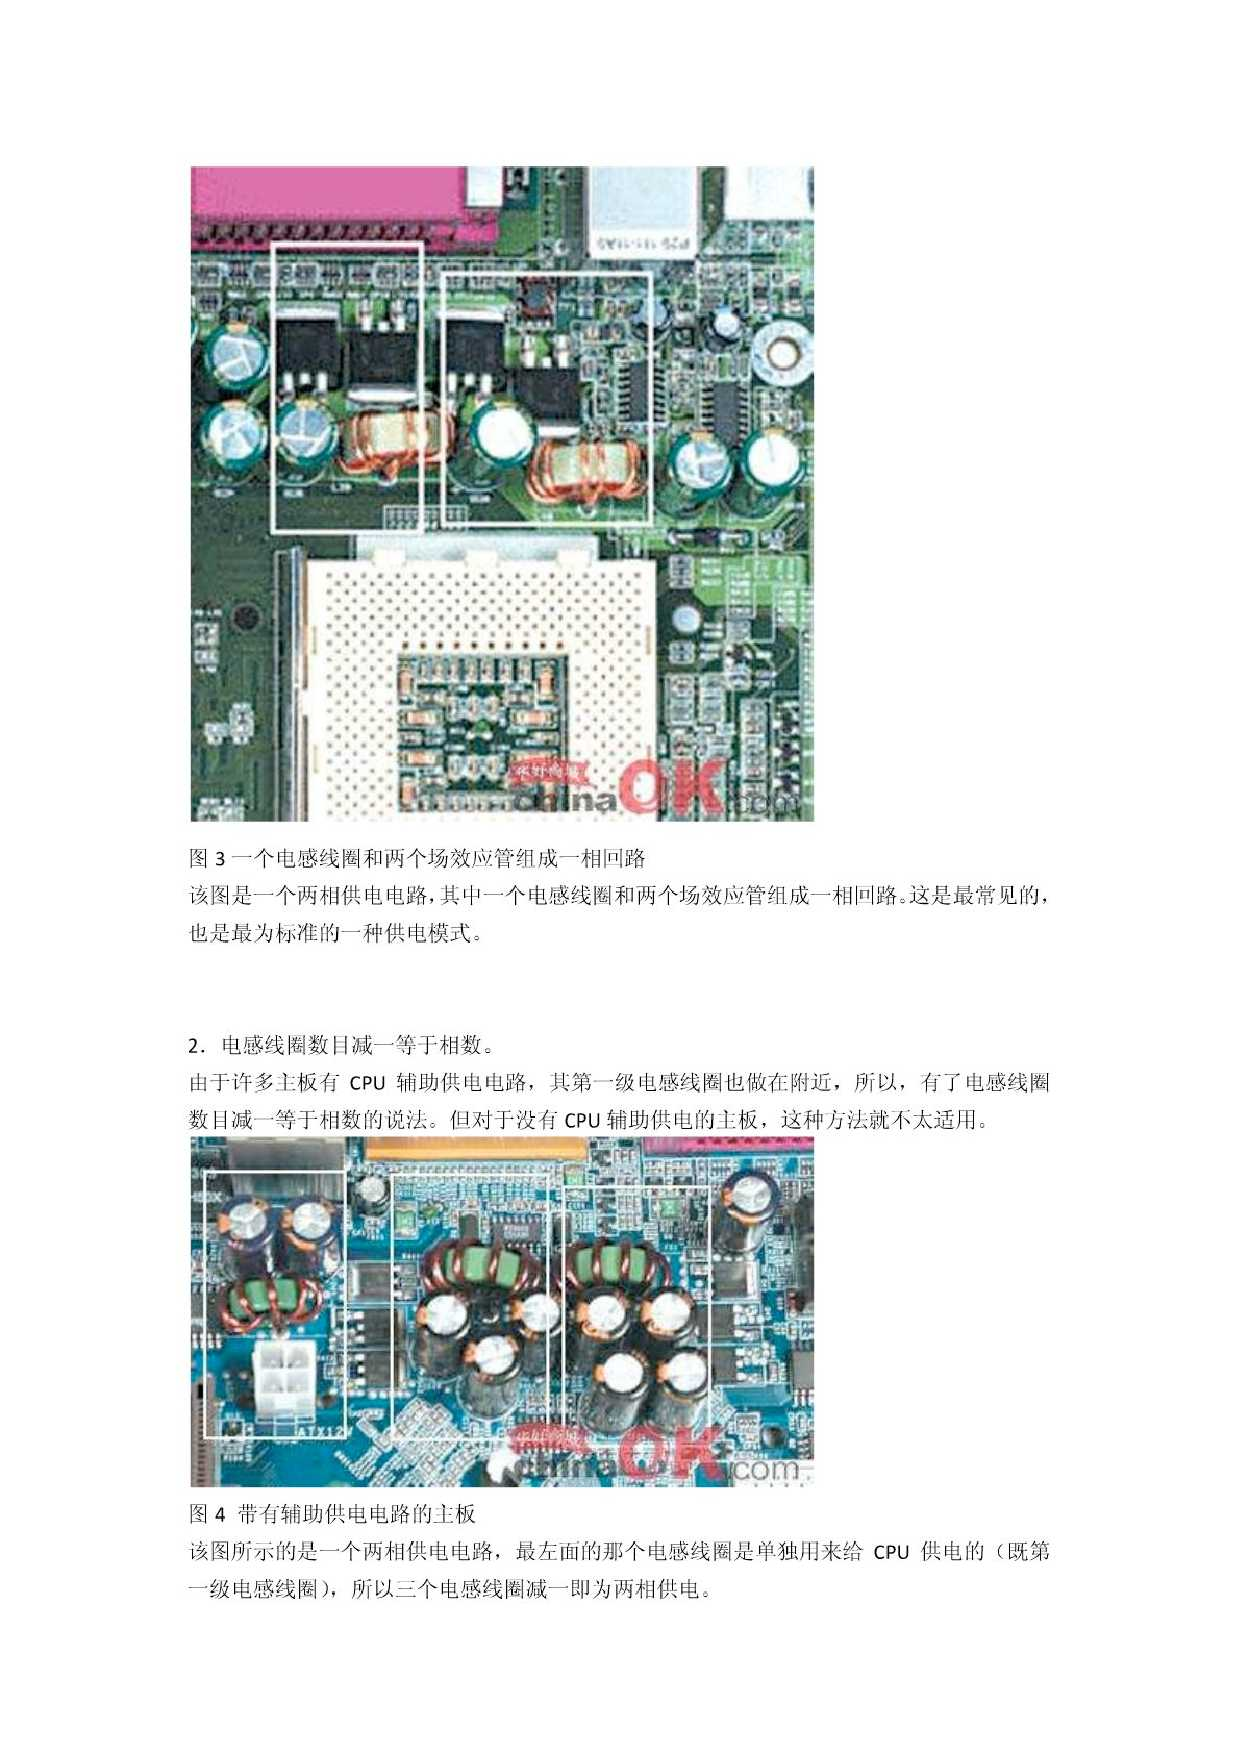 主板cpu供电电路原理图解